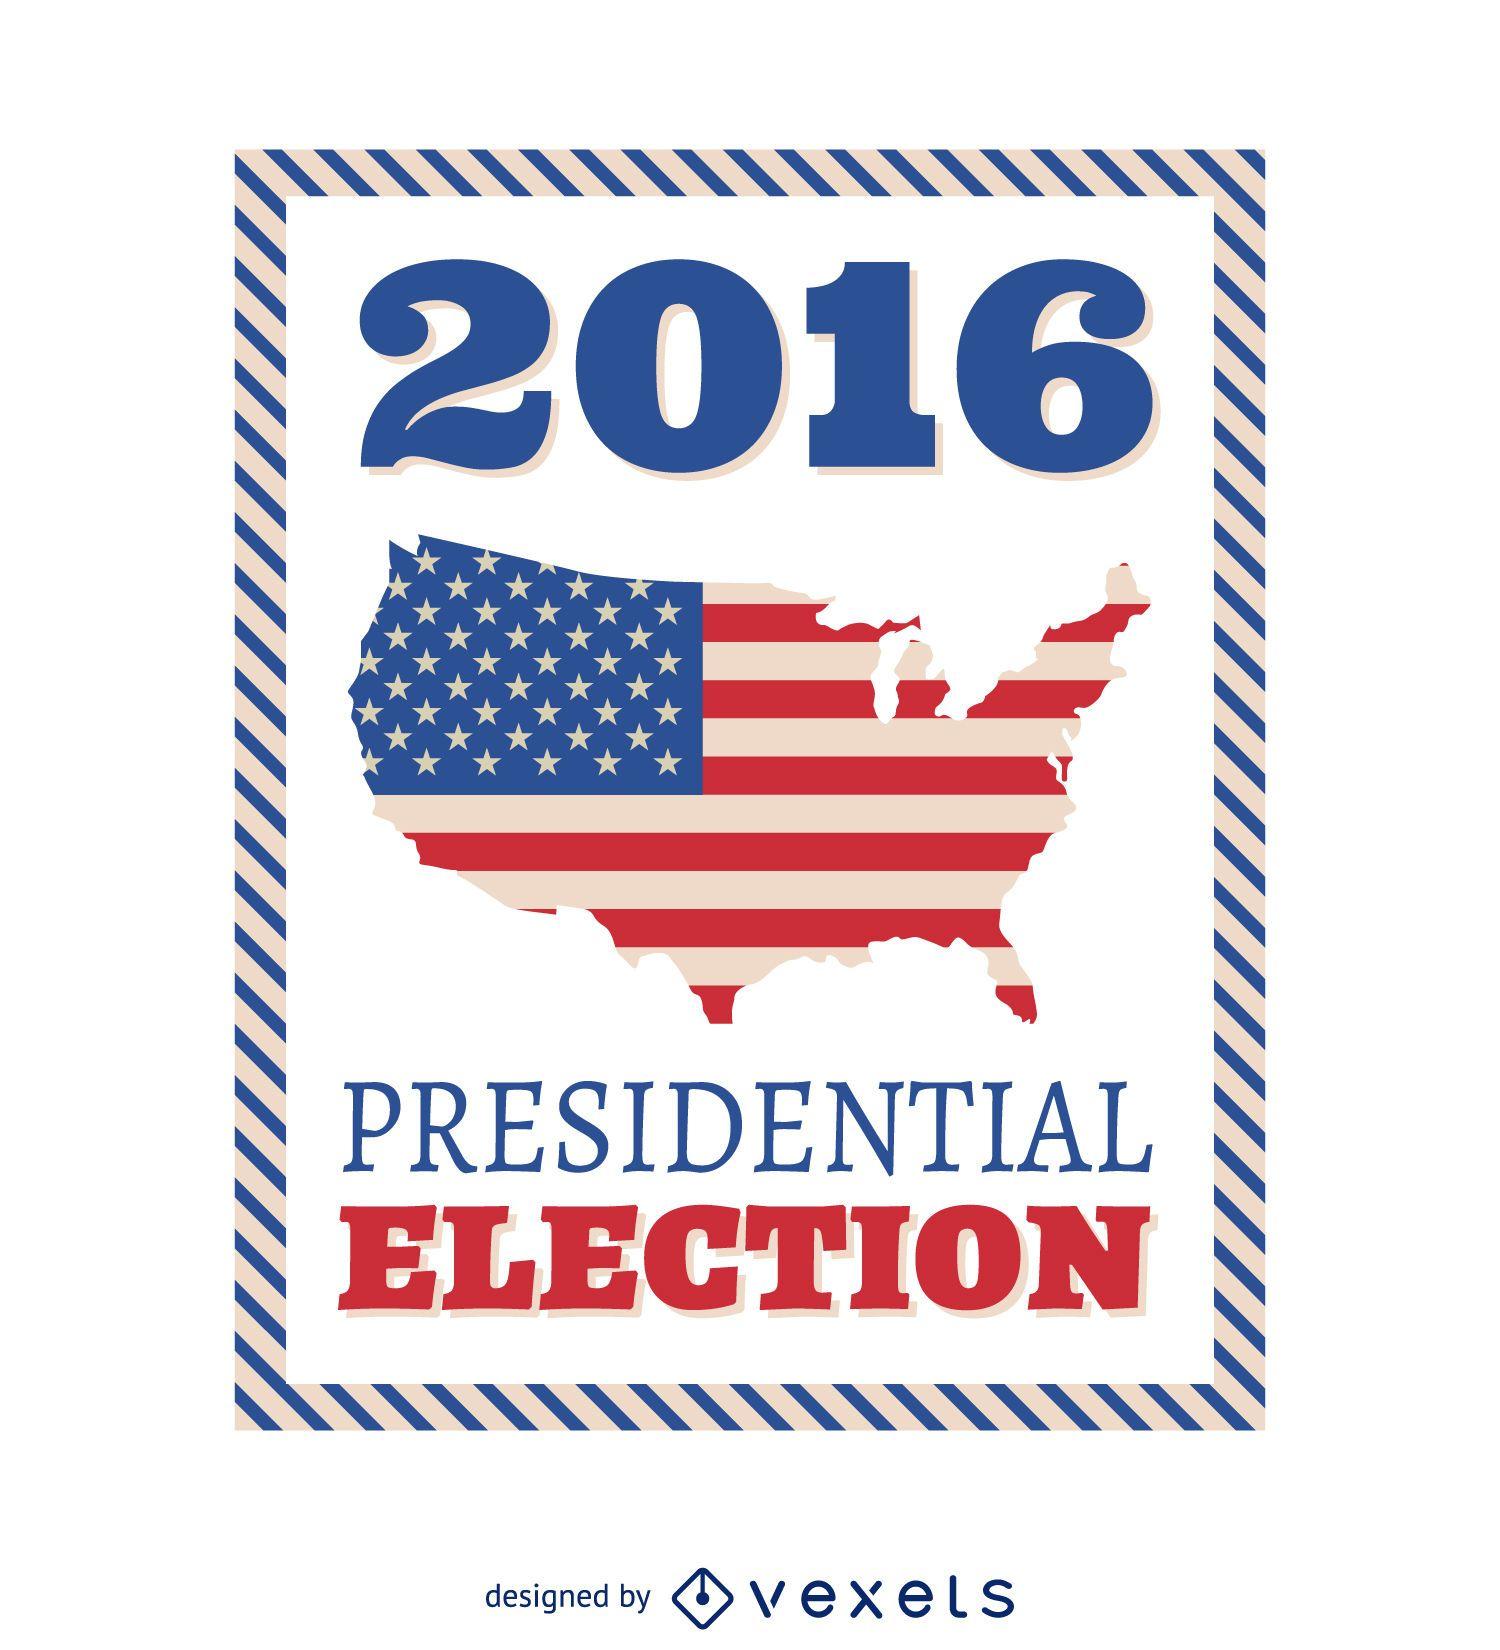 Marco de las elecciones presidenciales de EE. UU. De 2016